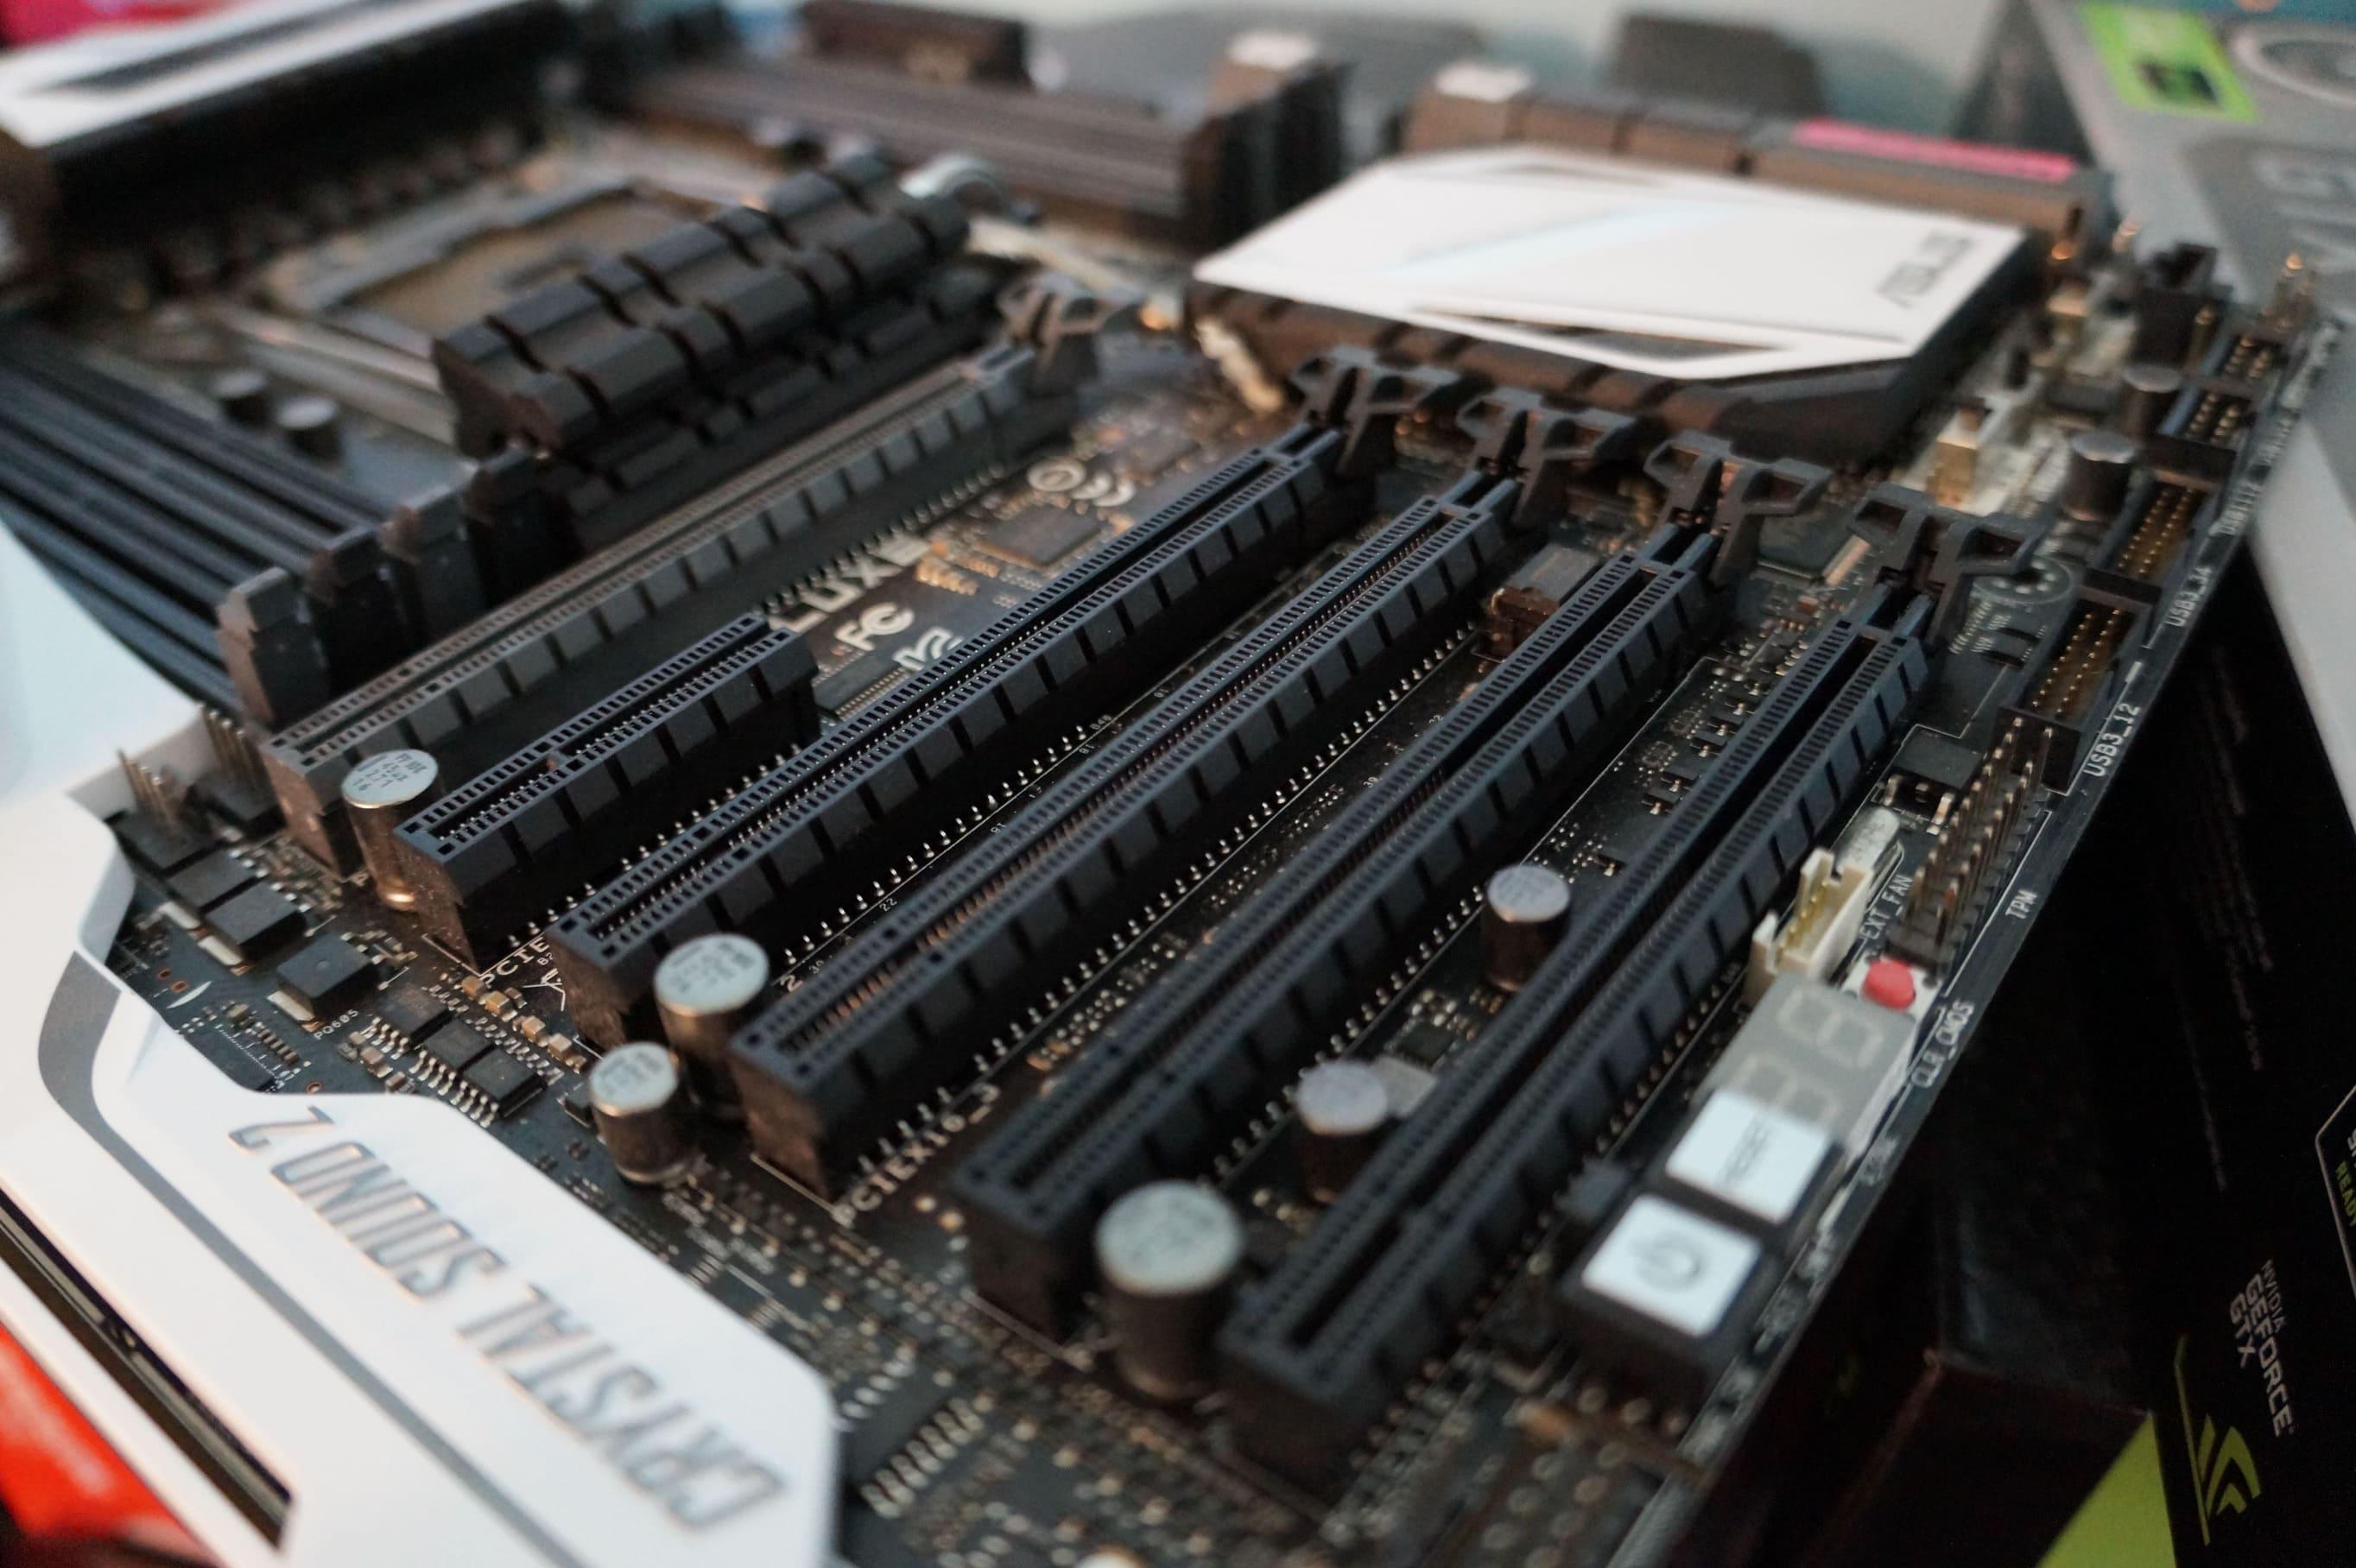 كيف تقوم بتحديث حاسوبك القديم